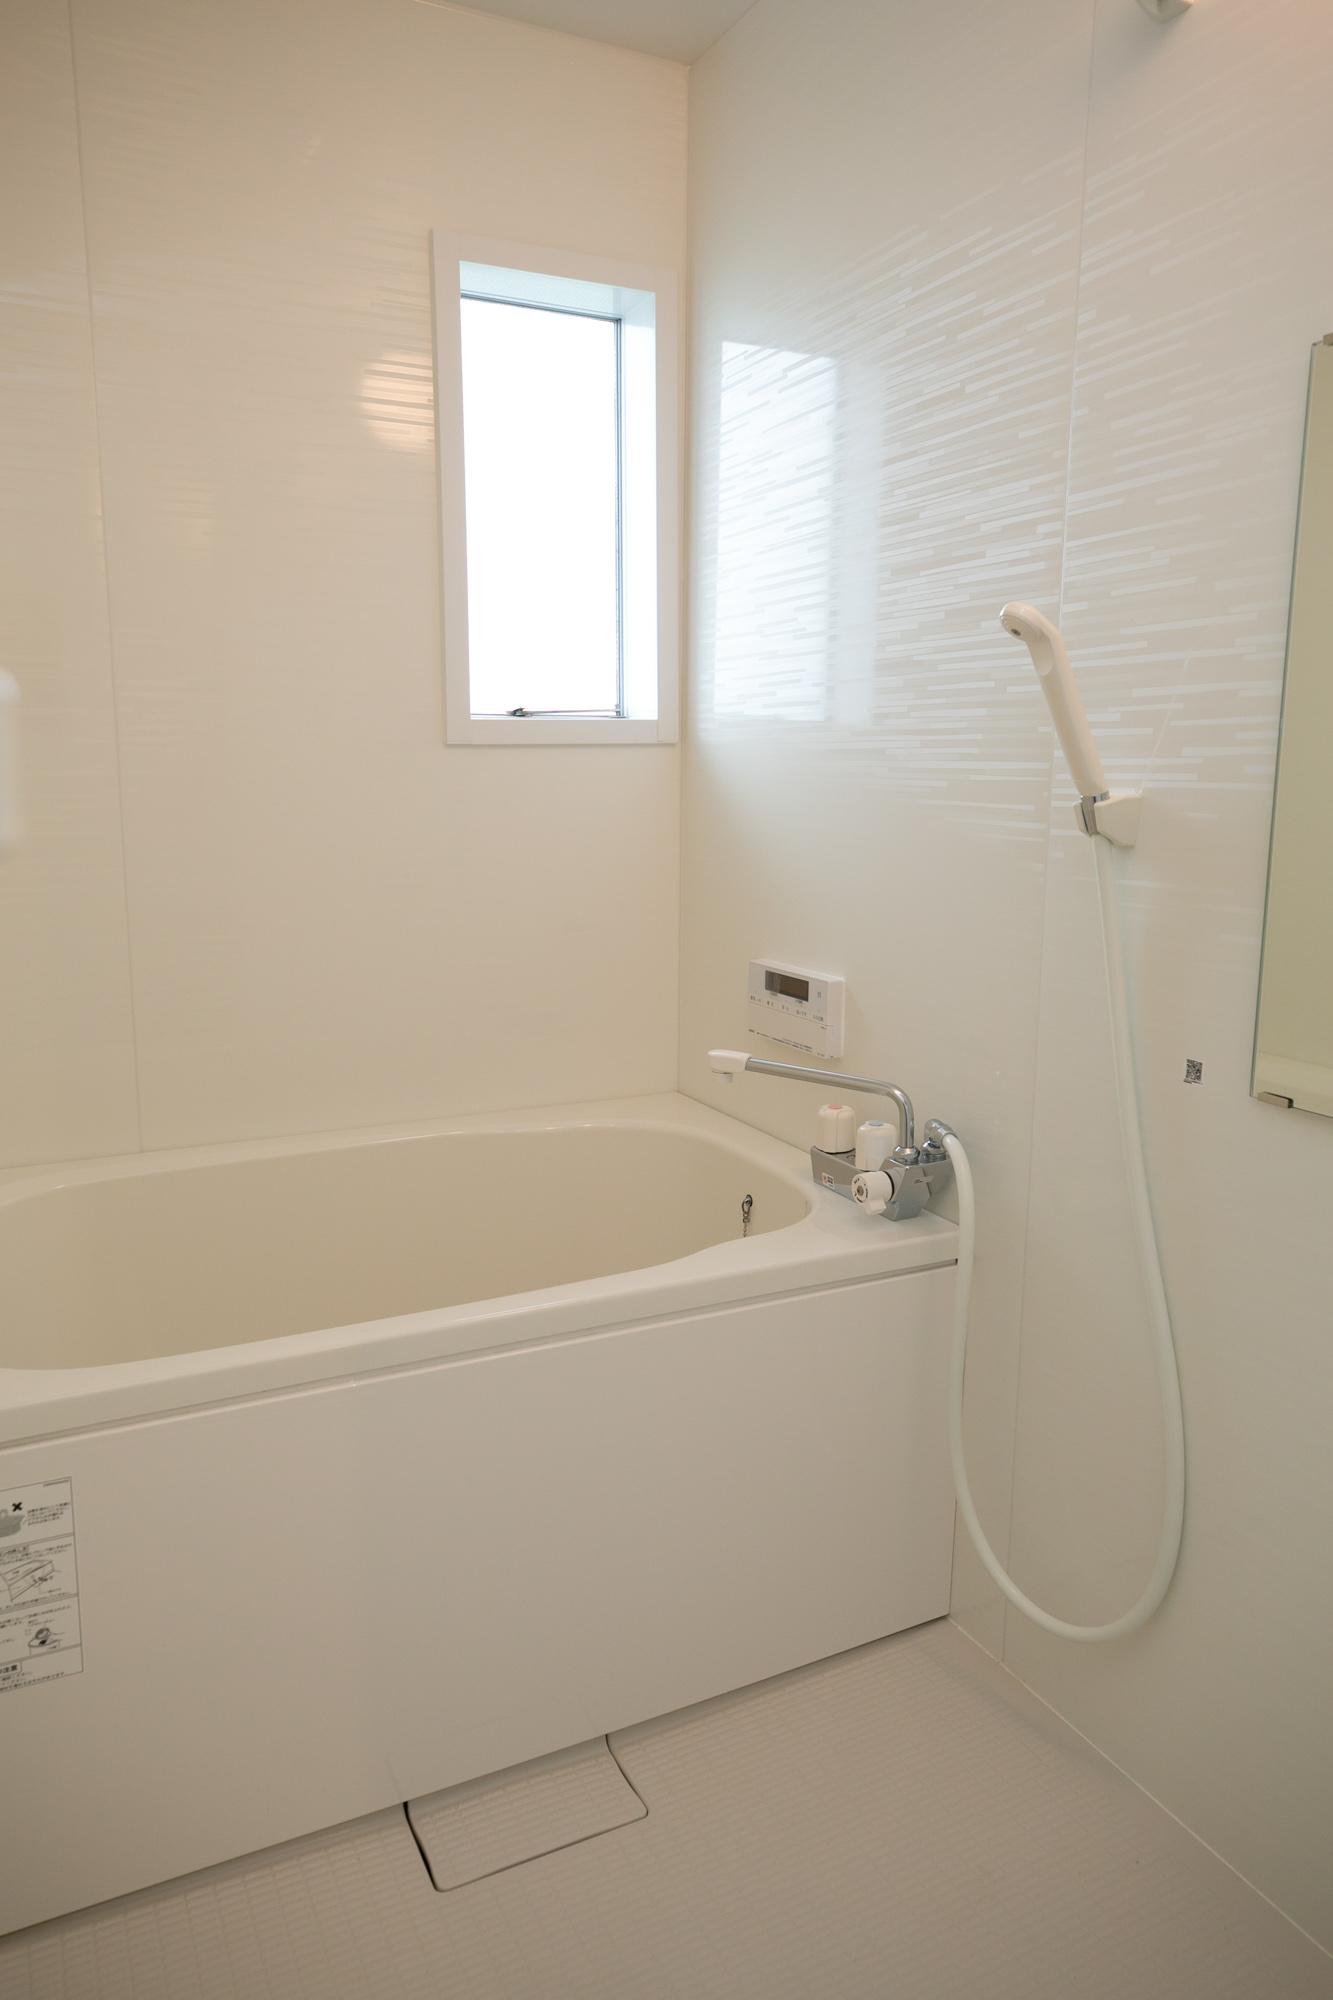 お風呂やトイレももちろん新しくなっています。バスルームは追い焚き付きのユニットバス。